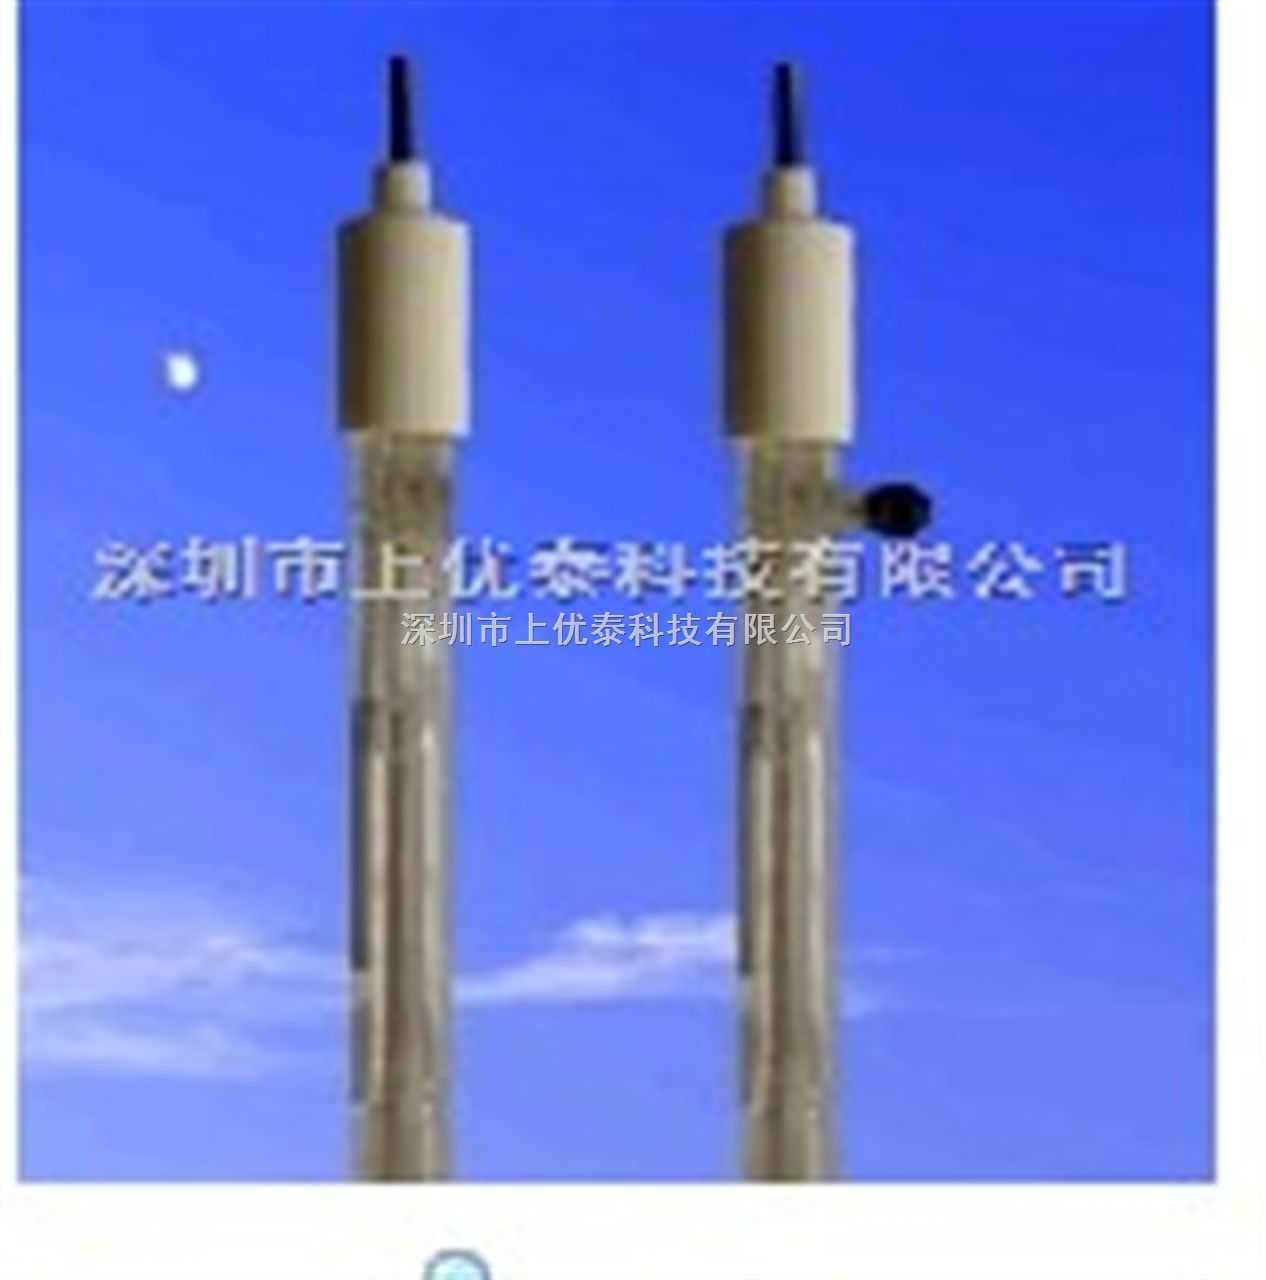 實驗室電極,特殊用途玻璃pH復合電極,特殊用途玻pH電極